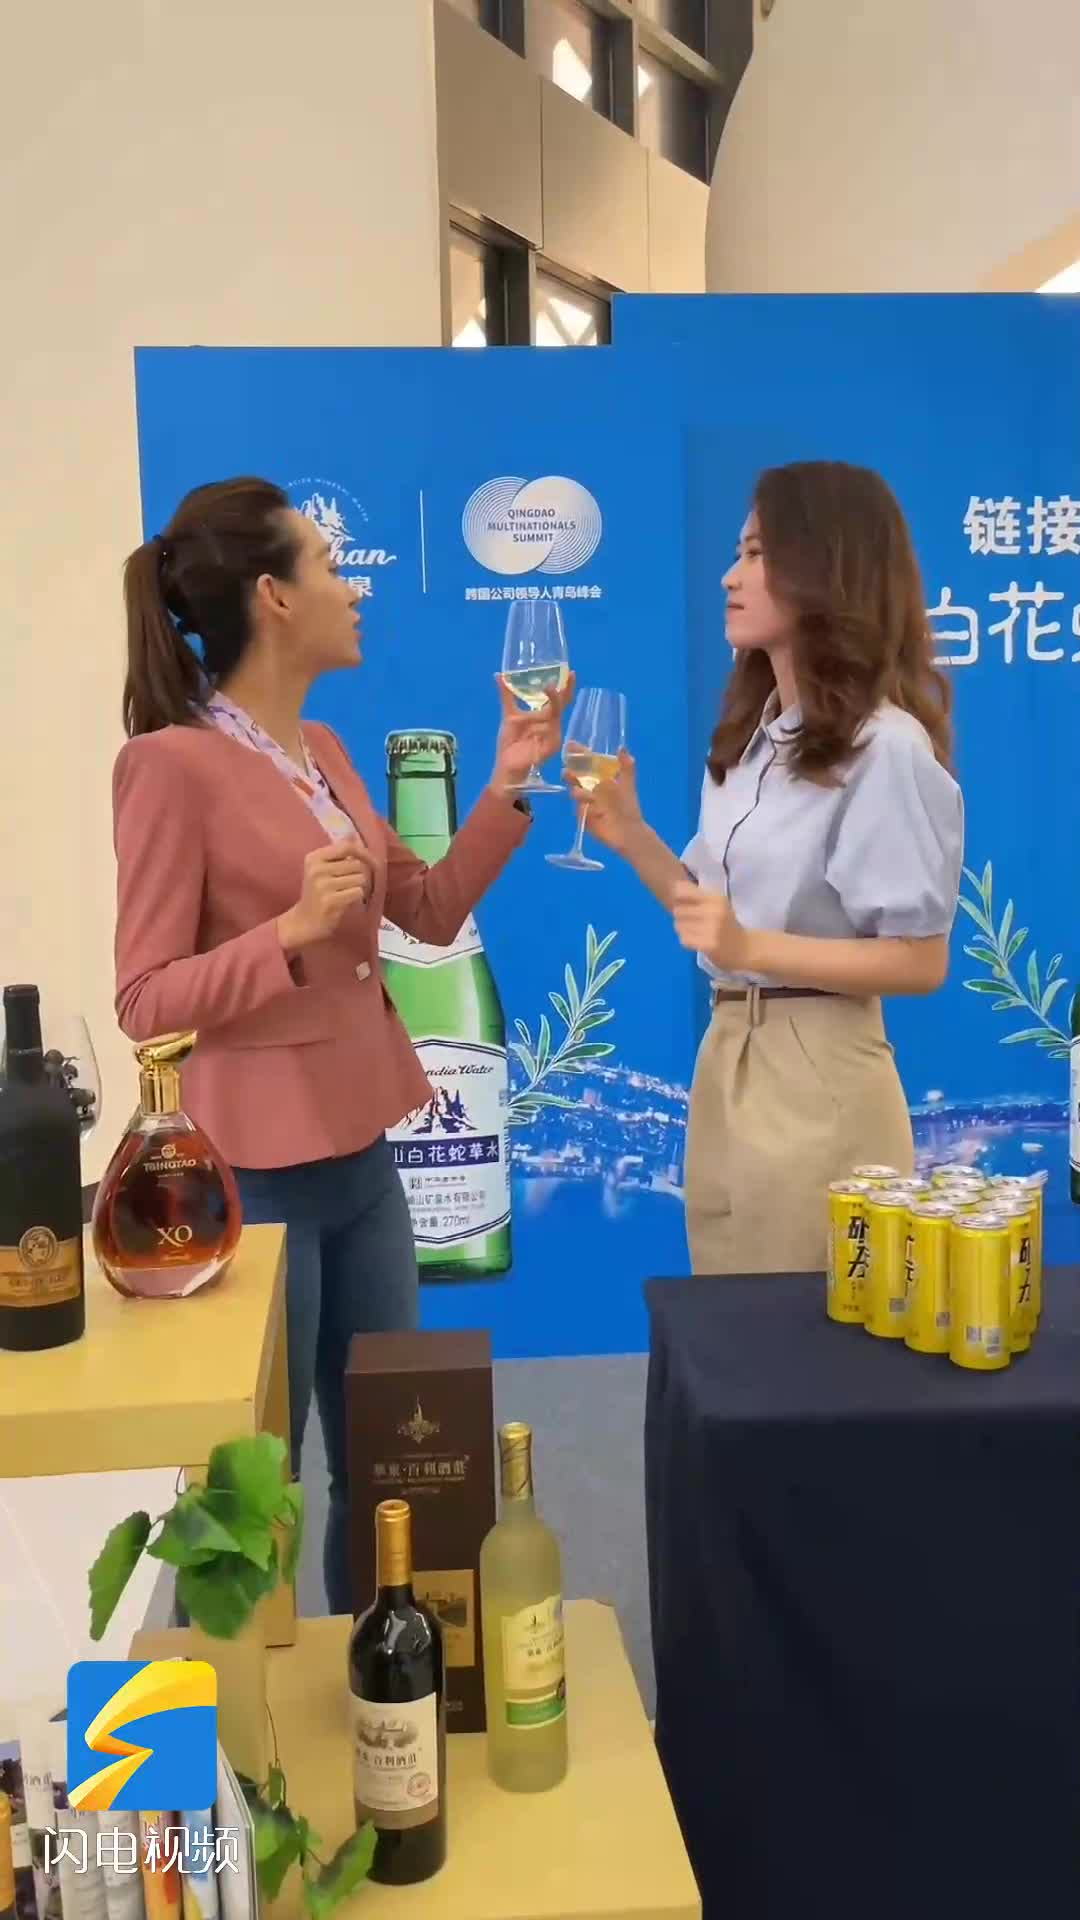 参加峰会渴了咋办?青岛饮料集团为您提供各种饮品